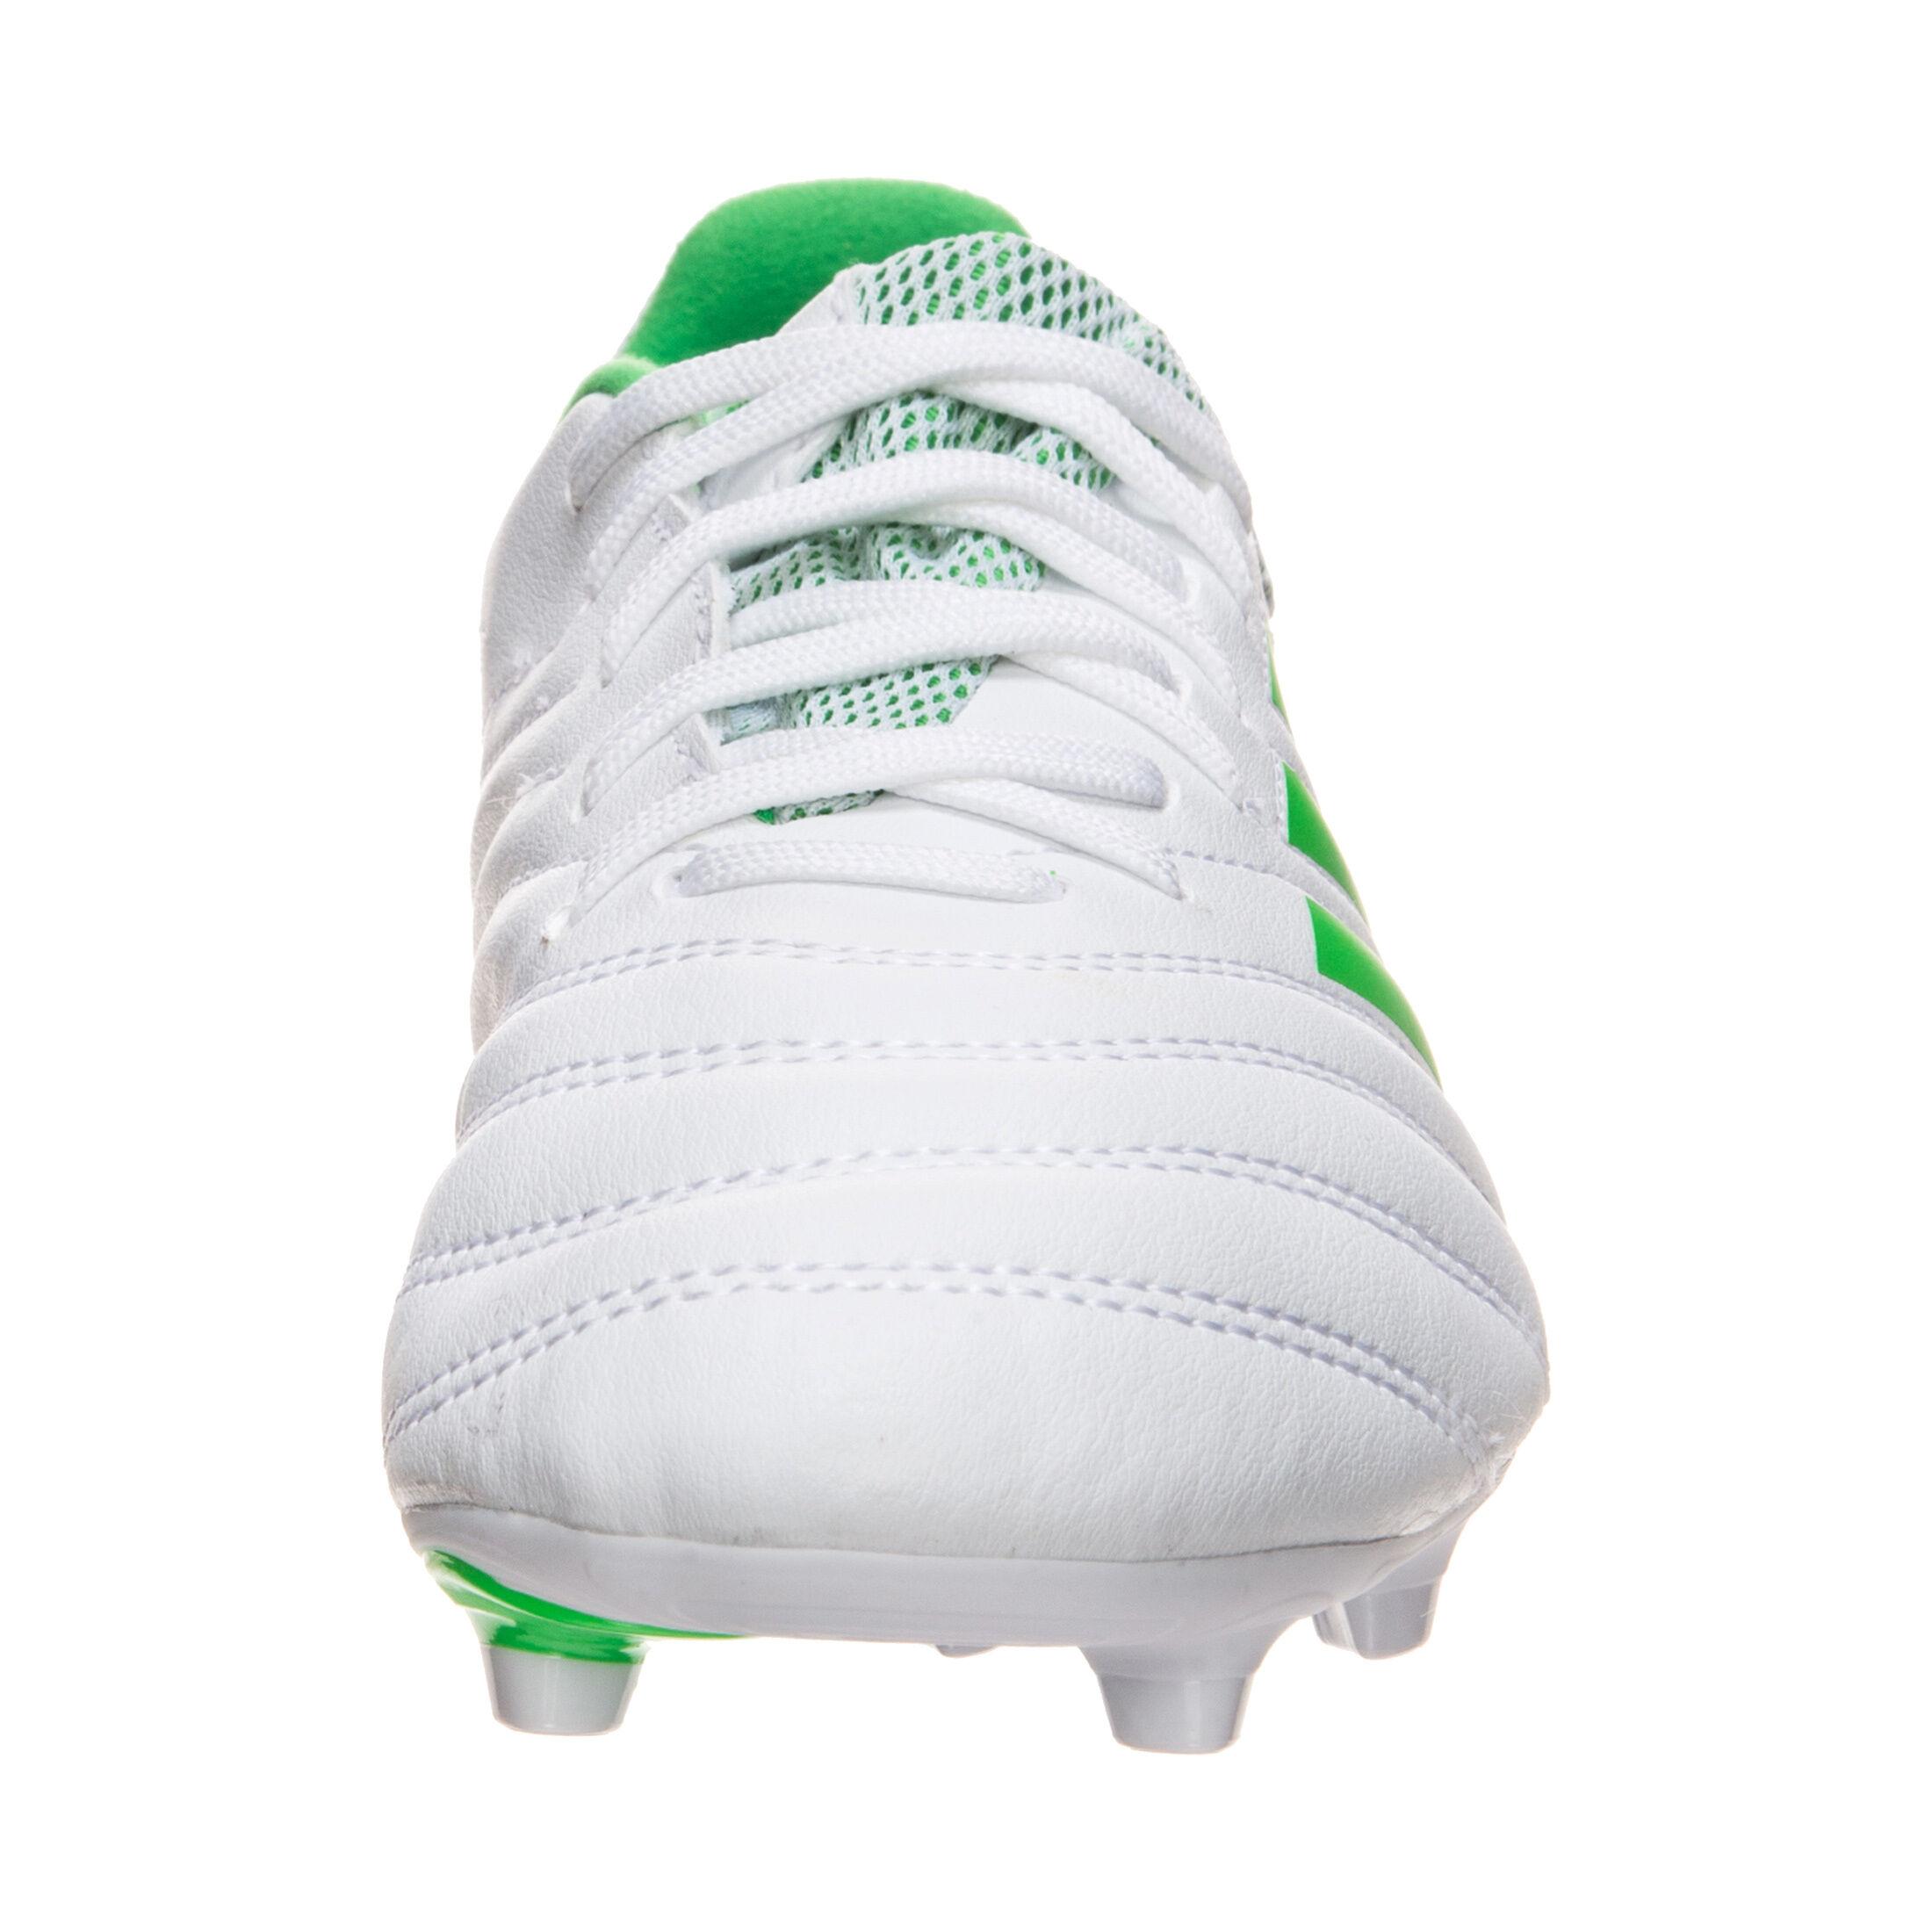 adidas Herren Fussballschuhe COPA 19.3 FG Schuhe telgesa.lt